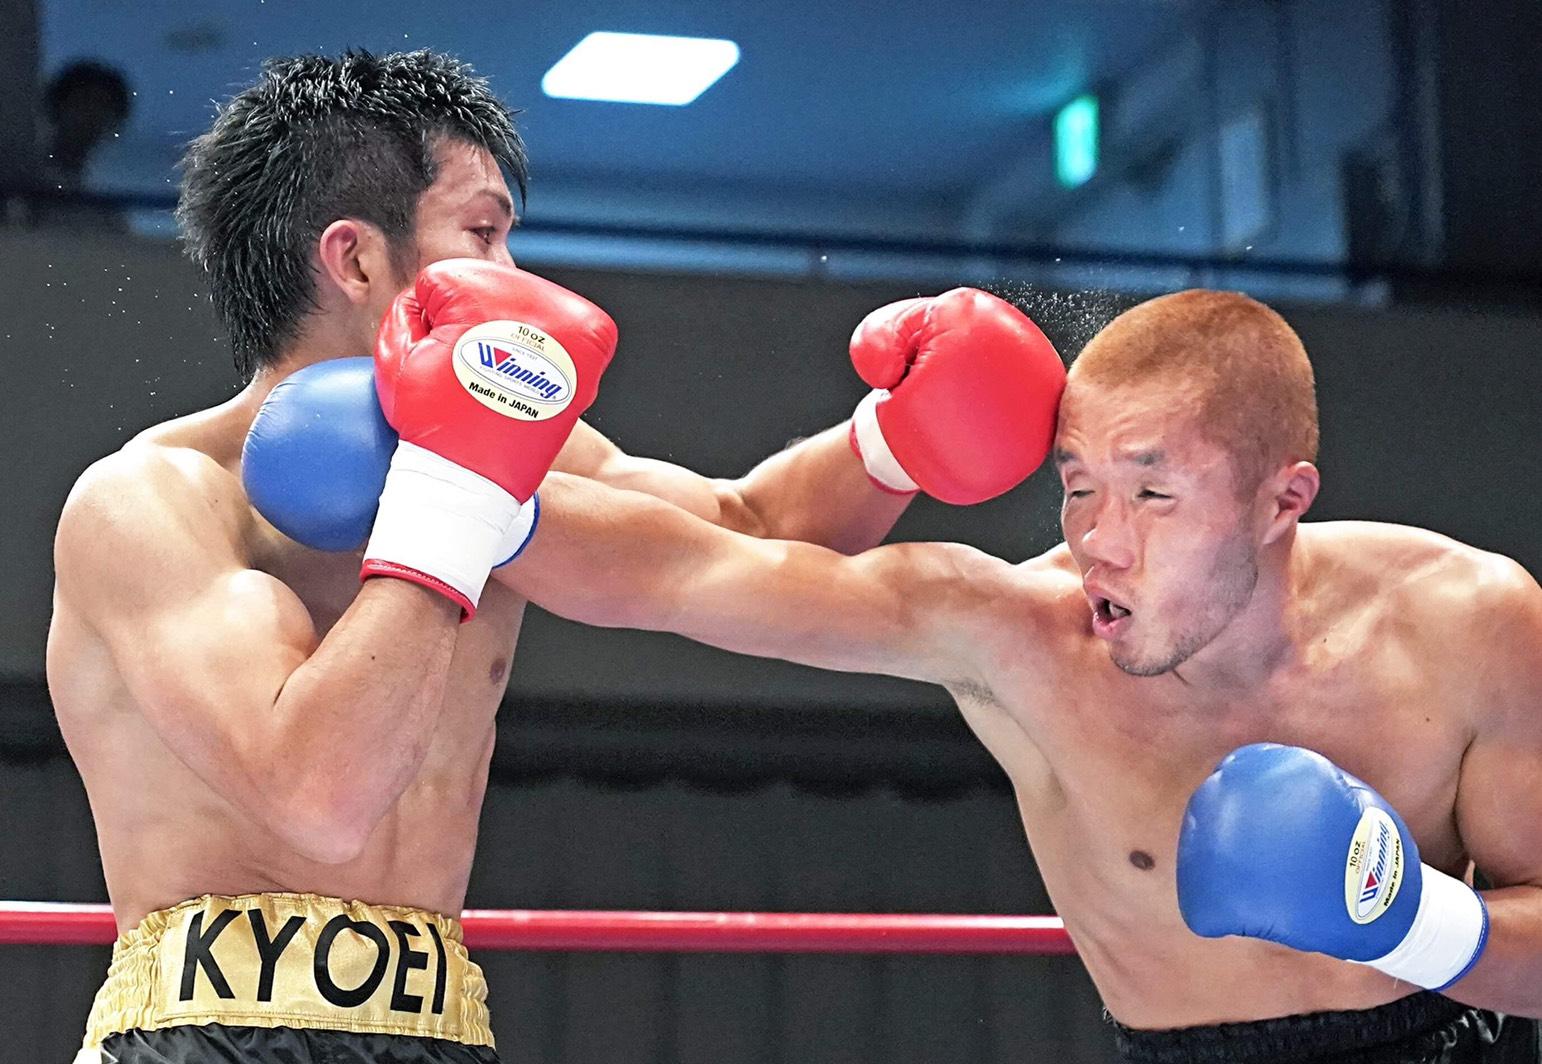 ボクシングで結果に相応しいメンタル